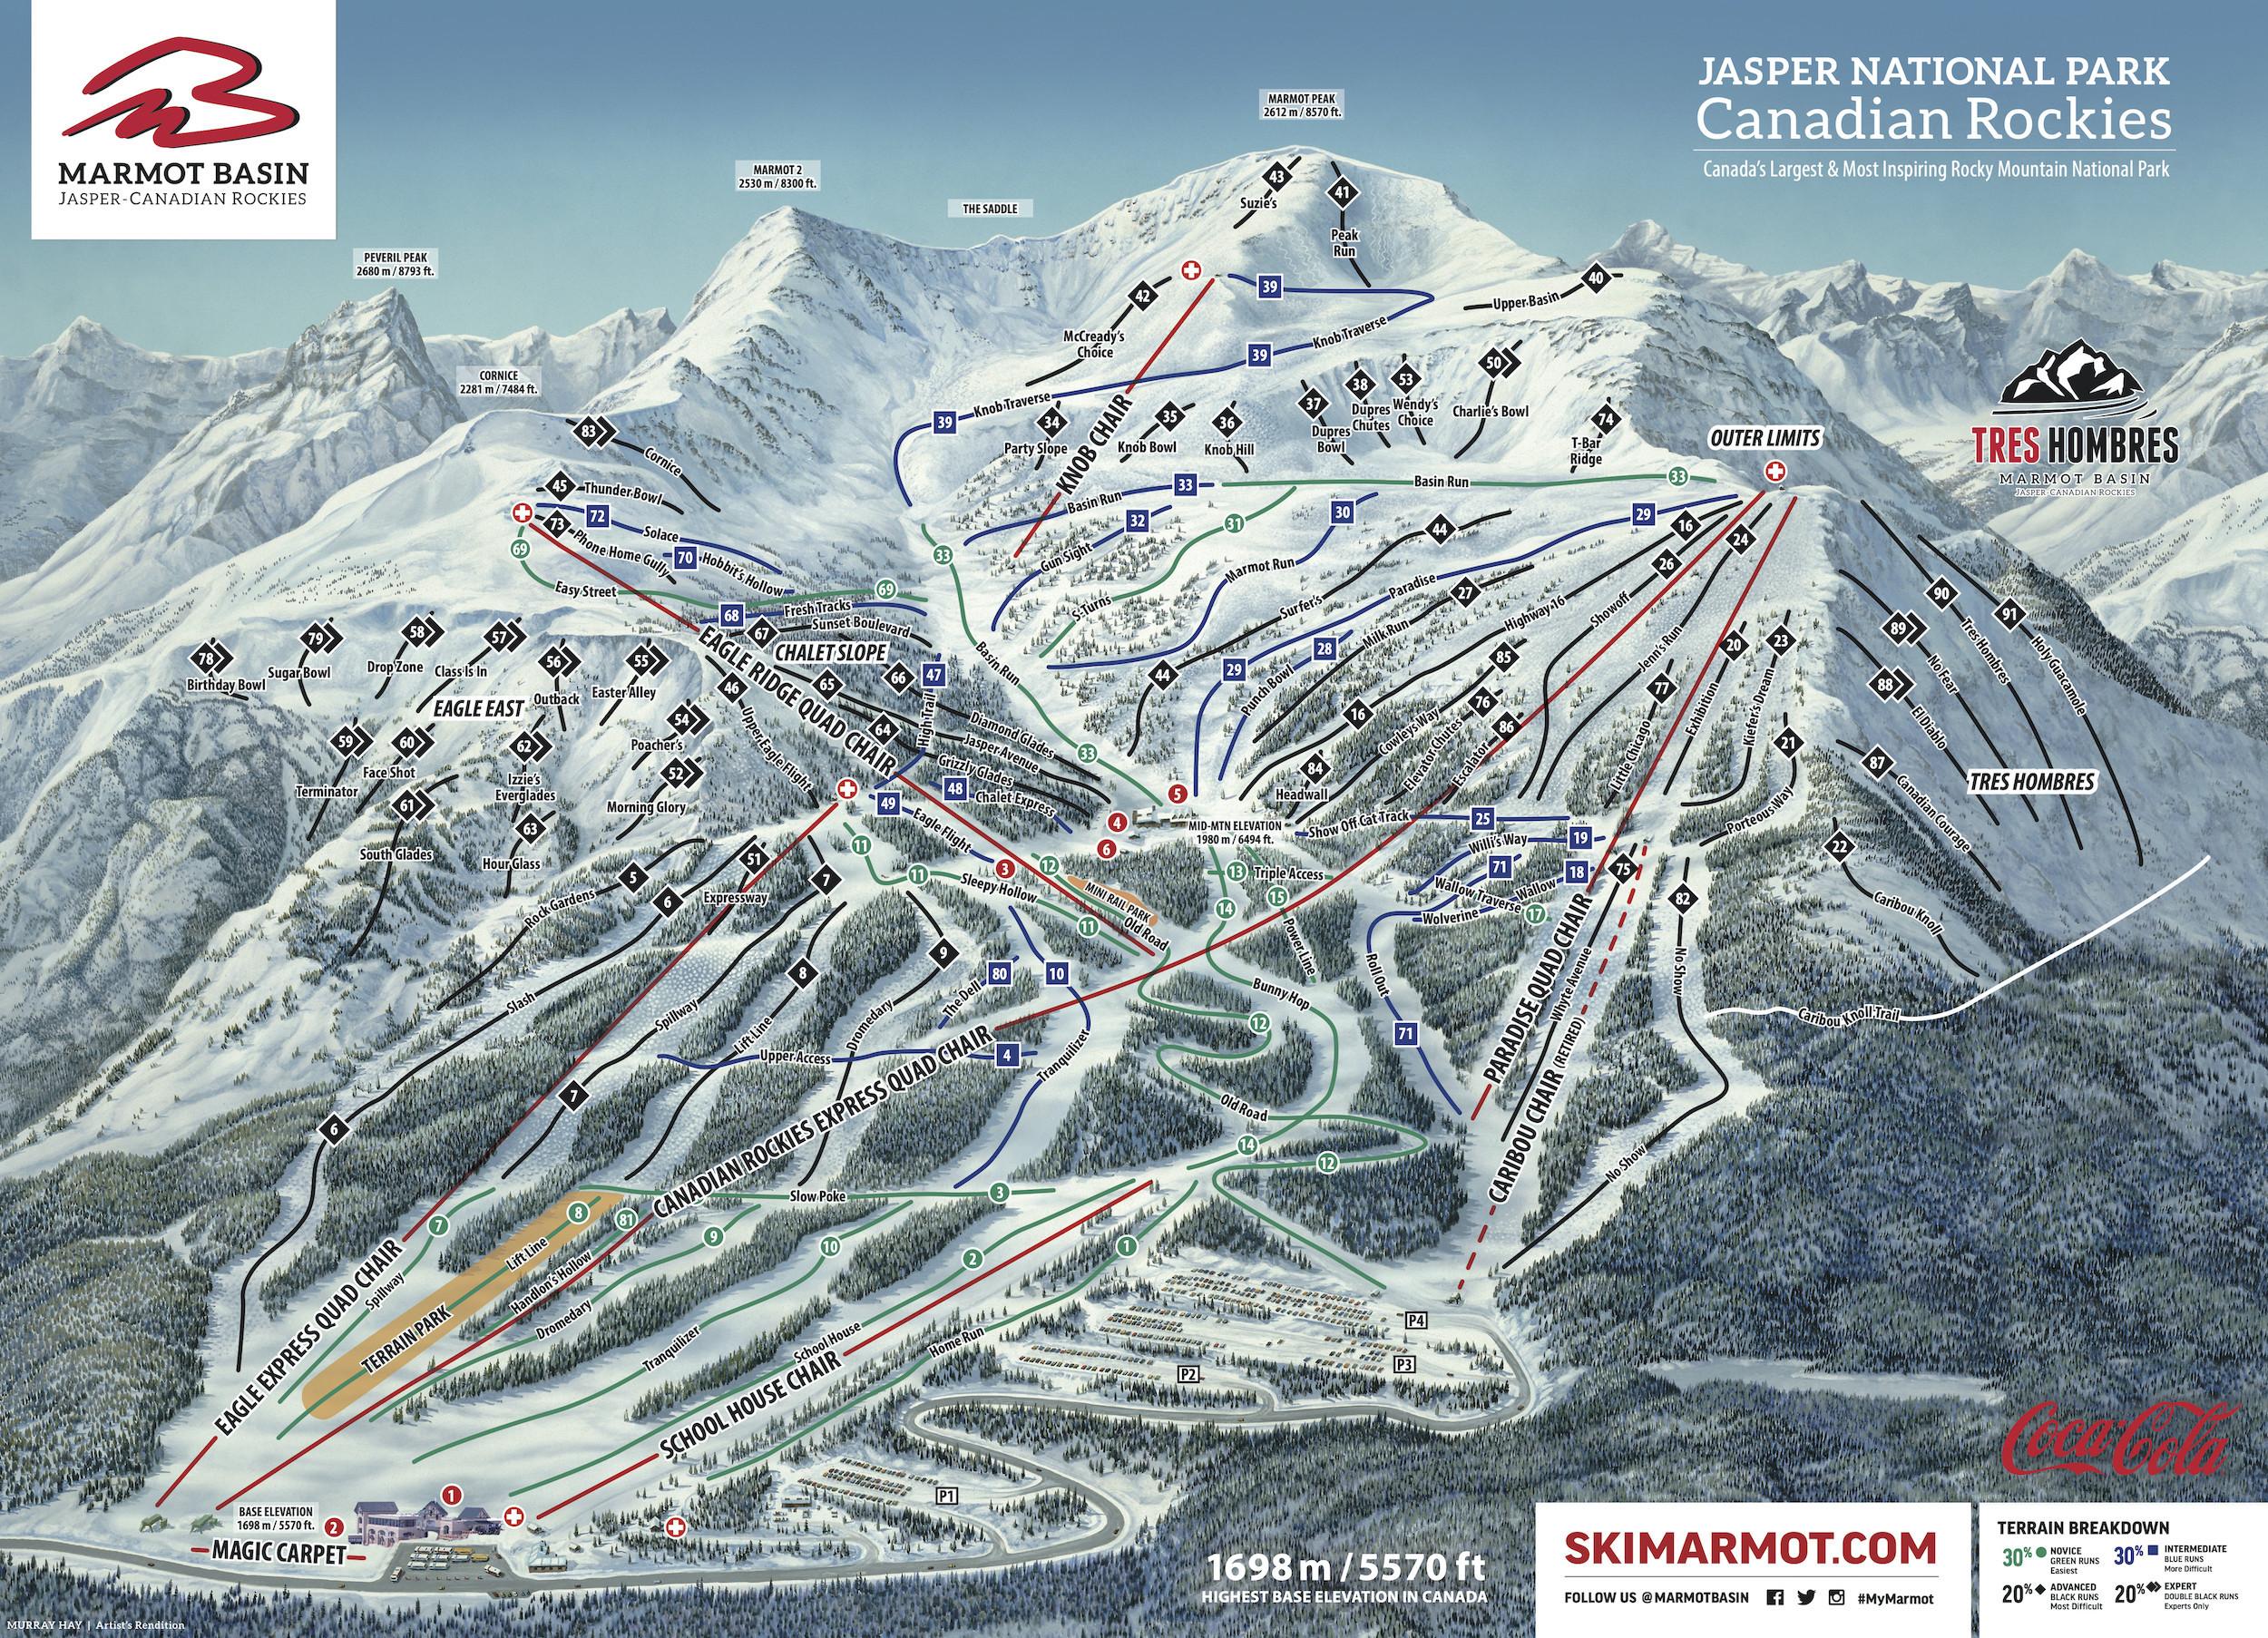 Pistenplan von Ski Marmot Basin – Jasper